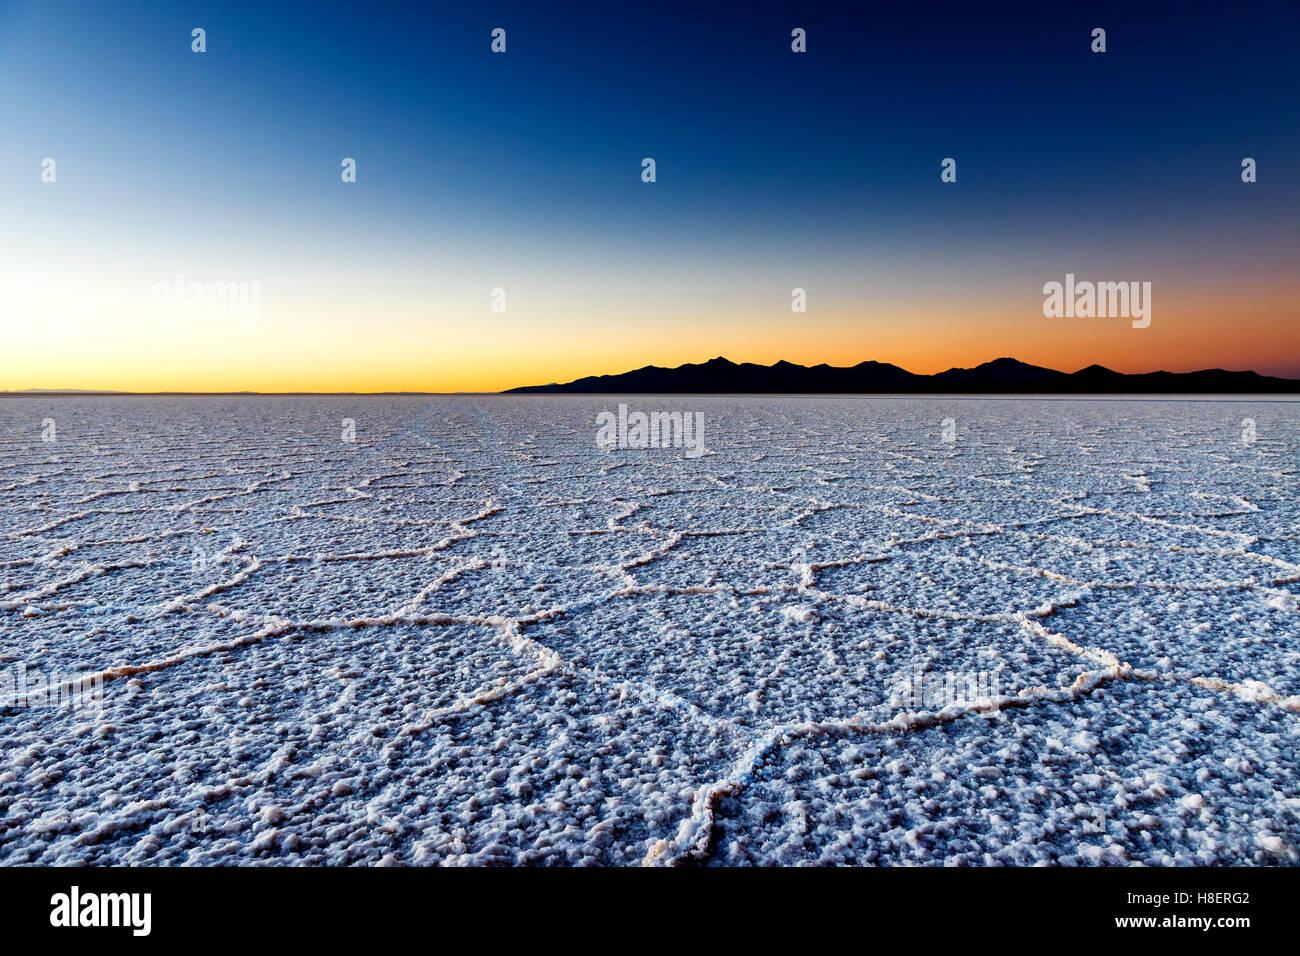 Amanecer en el Salar de Uyuni en Bolivia, América del Sur; concepto para viajes en Bolivia y América del Imagen De Stock